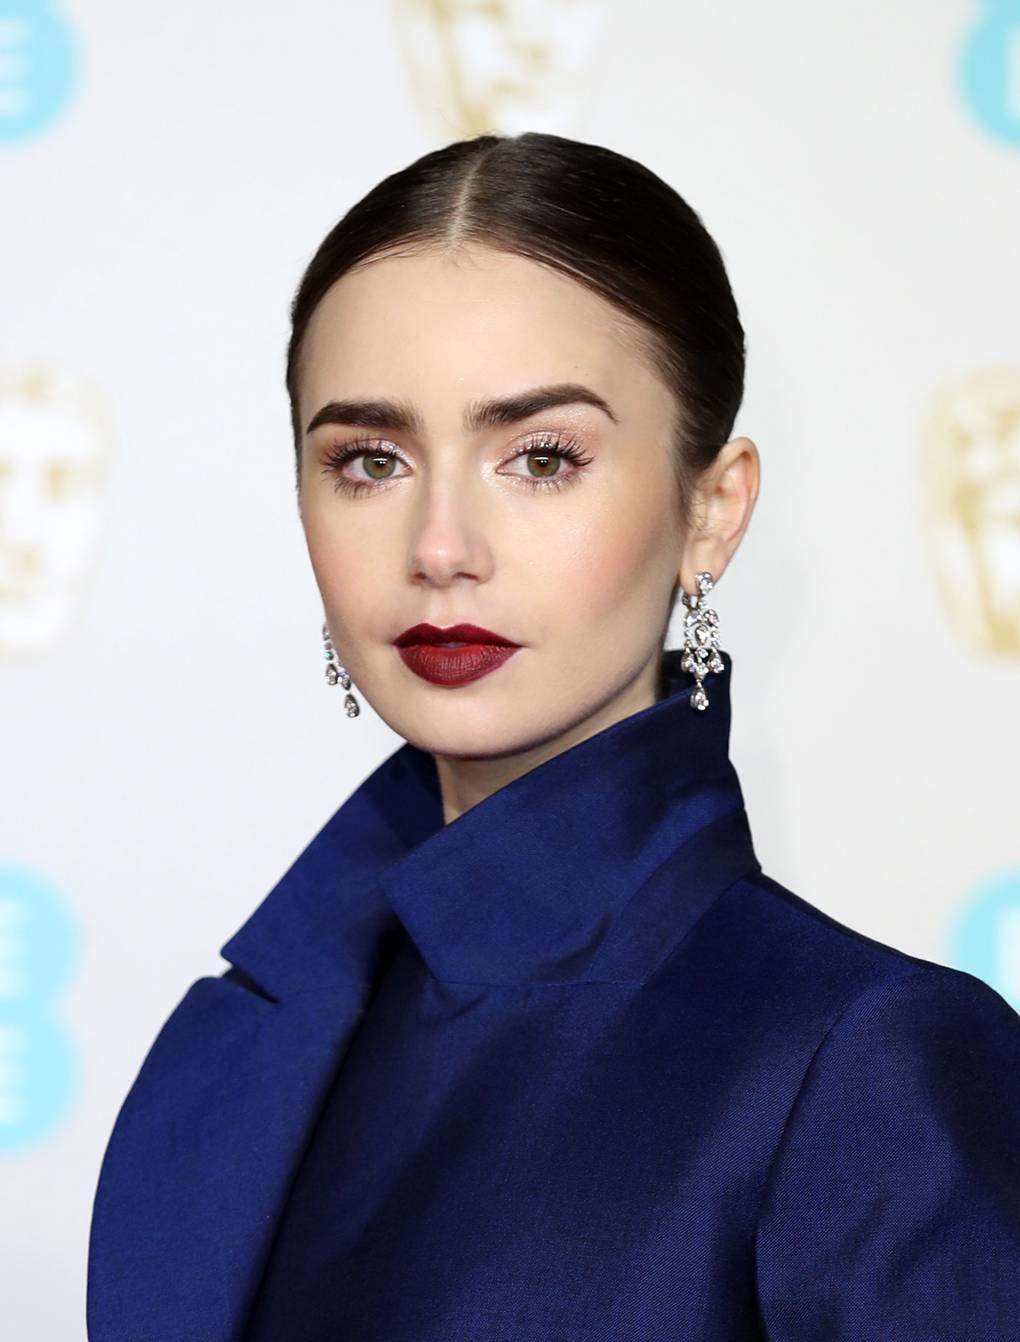 BAFTAS makeup